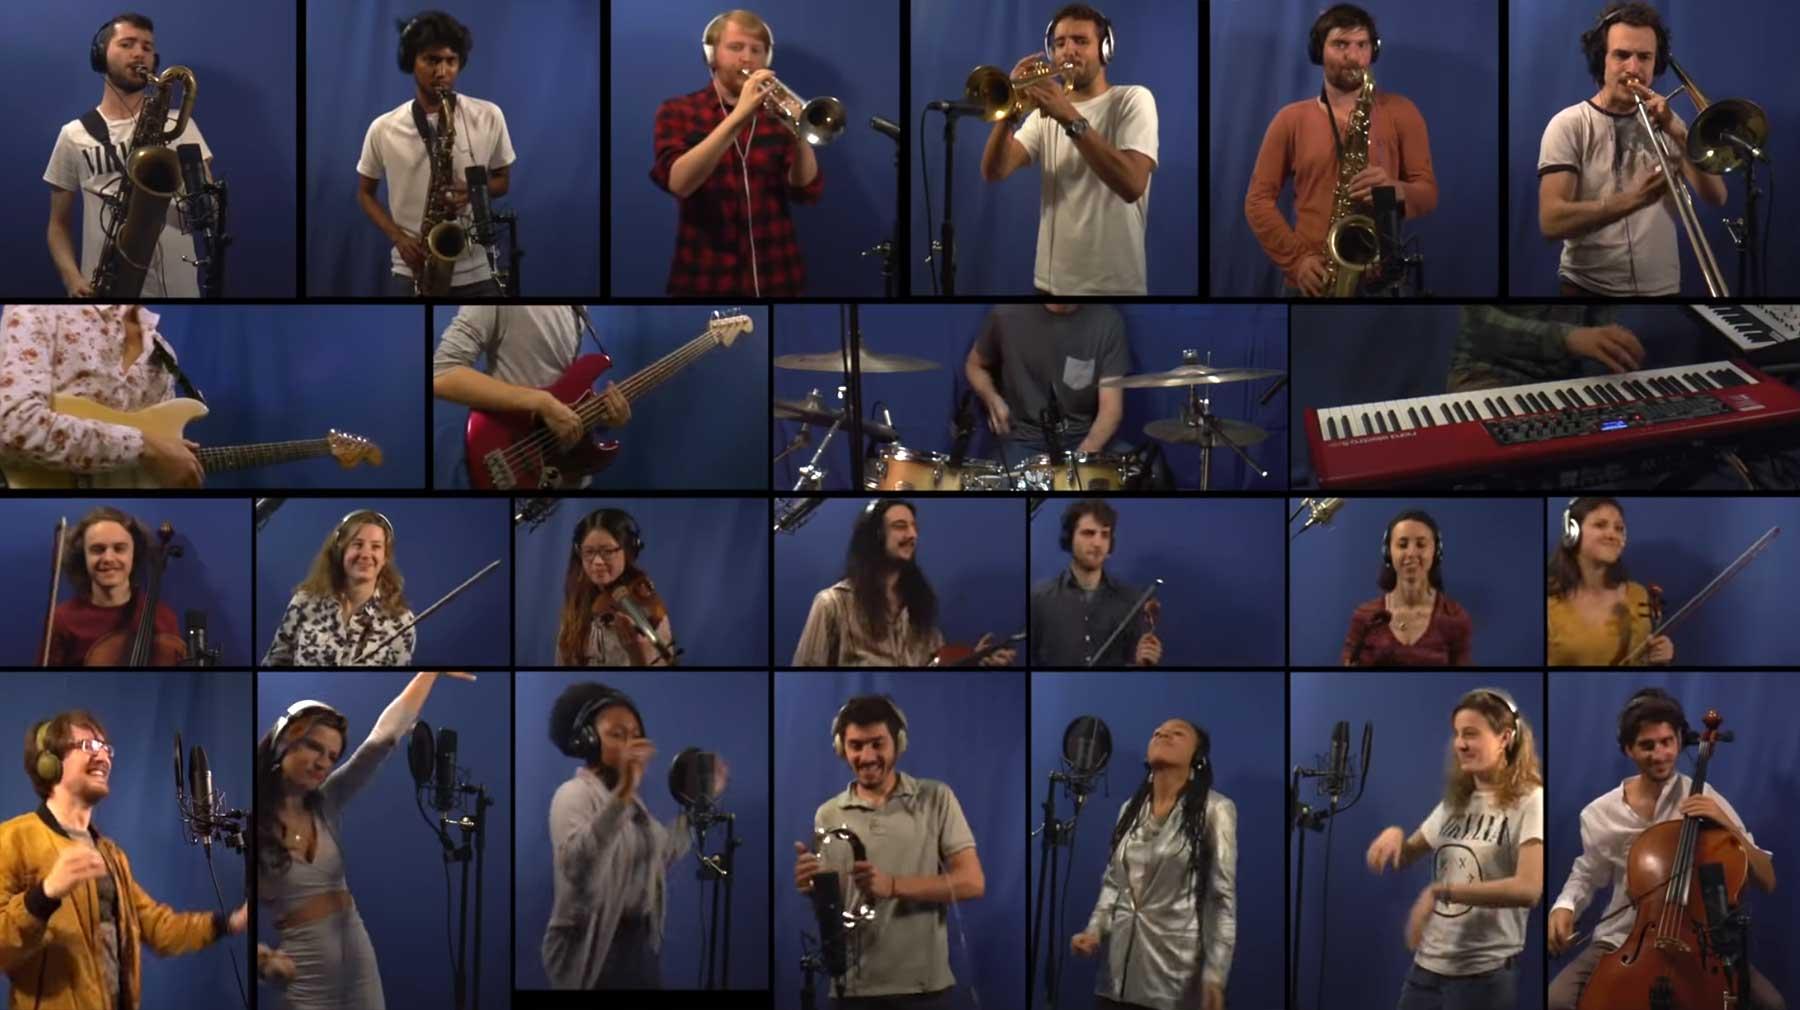 """Jazz-Funk-Cover von Nirvanas """"In Bloom"""" nirvana-in-bloom-jazz-funk-cover-Metaphump"""